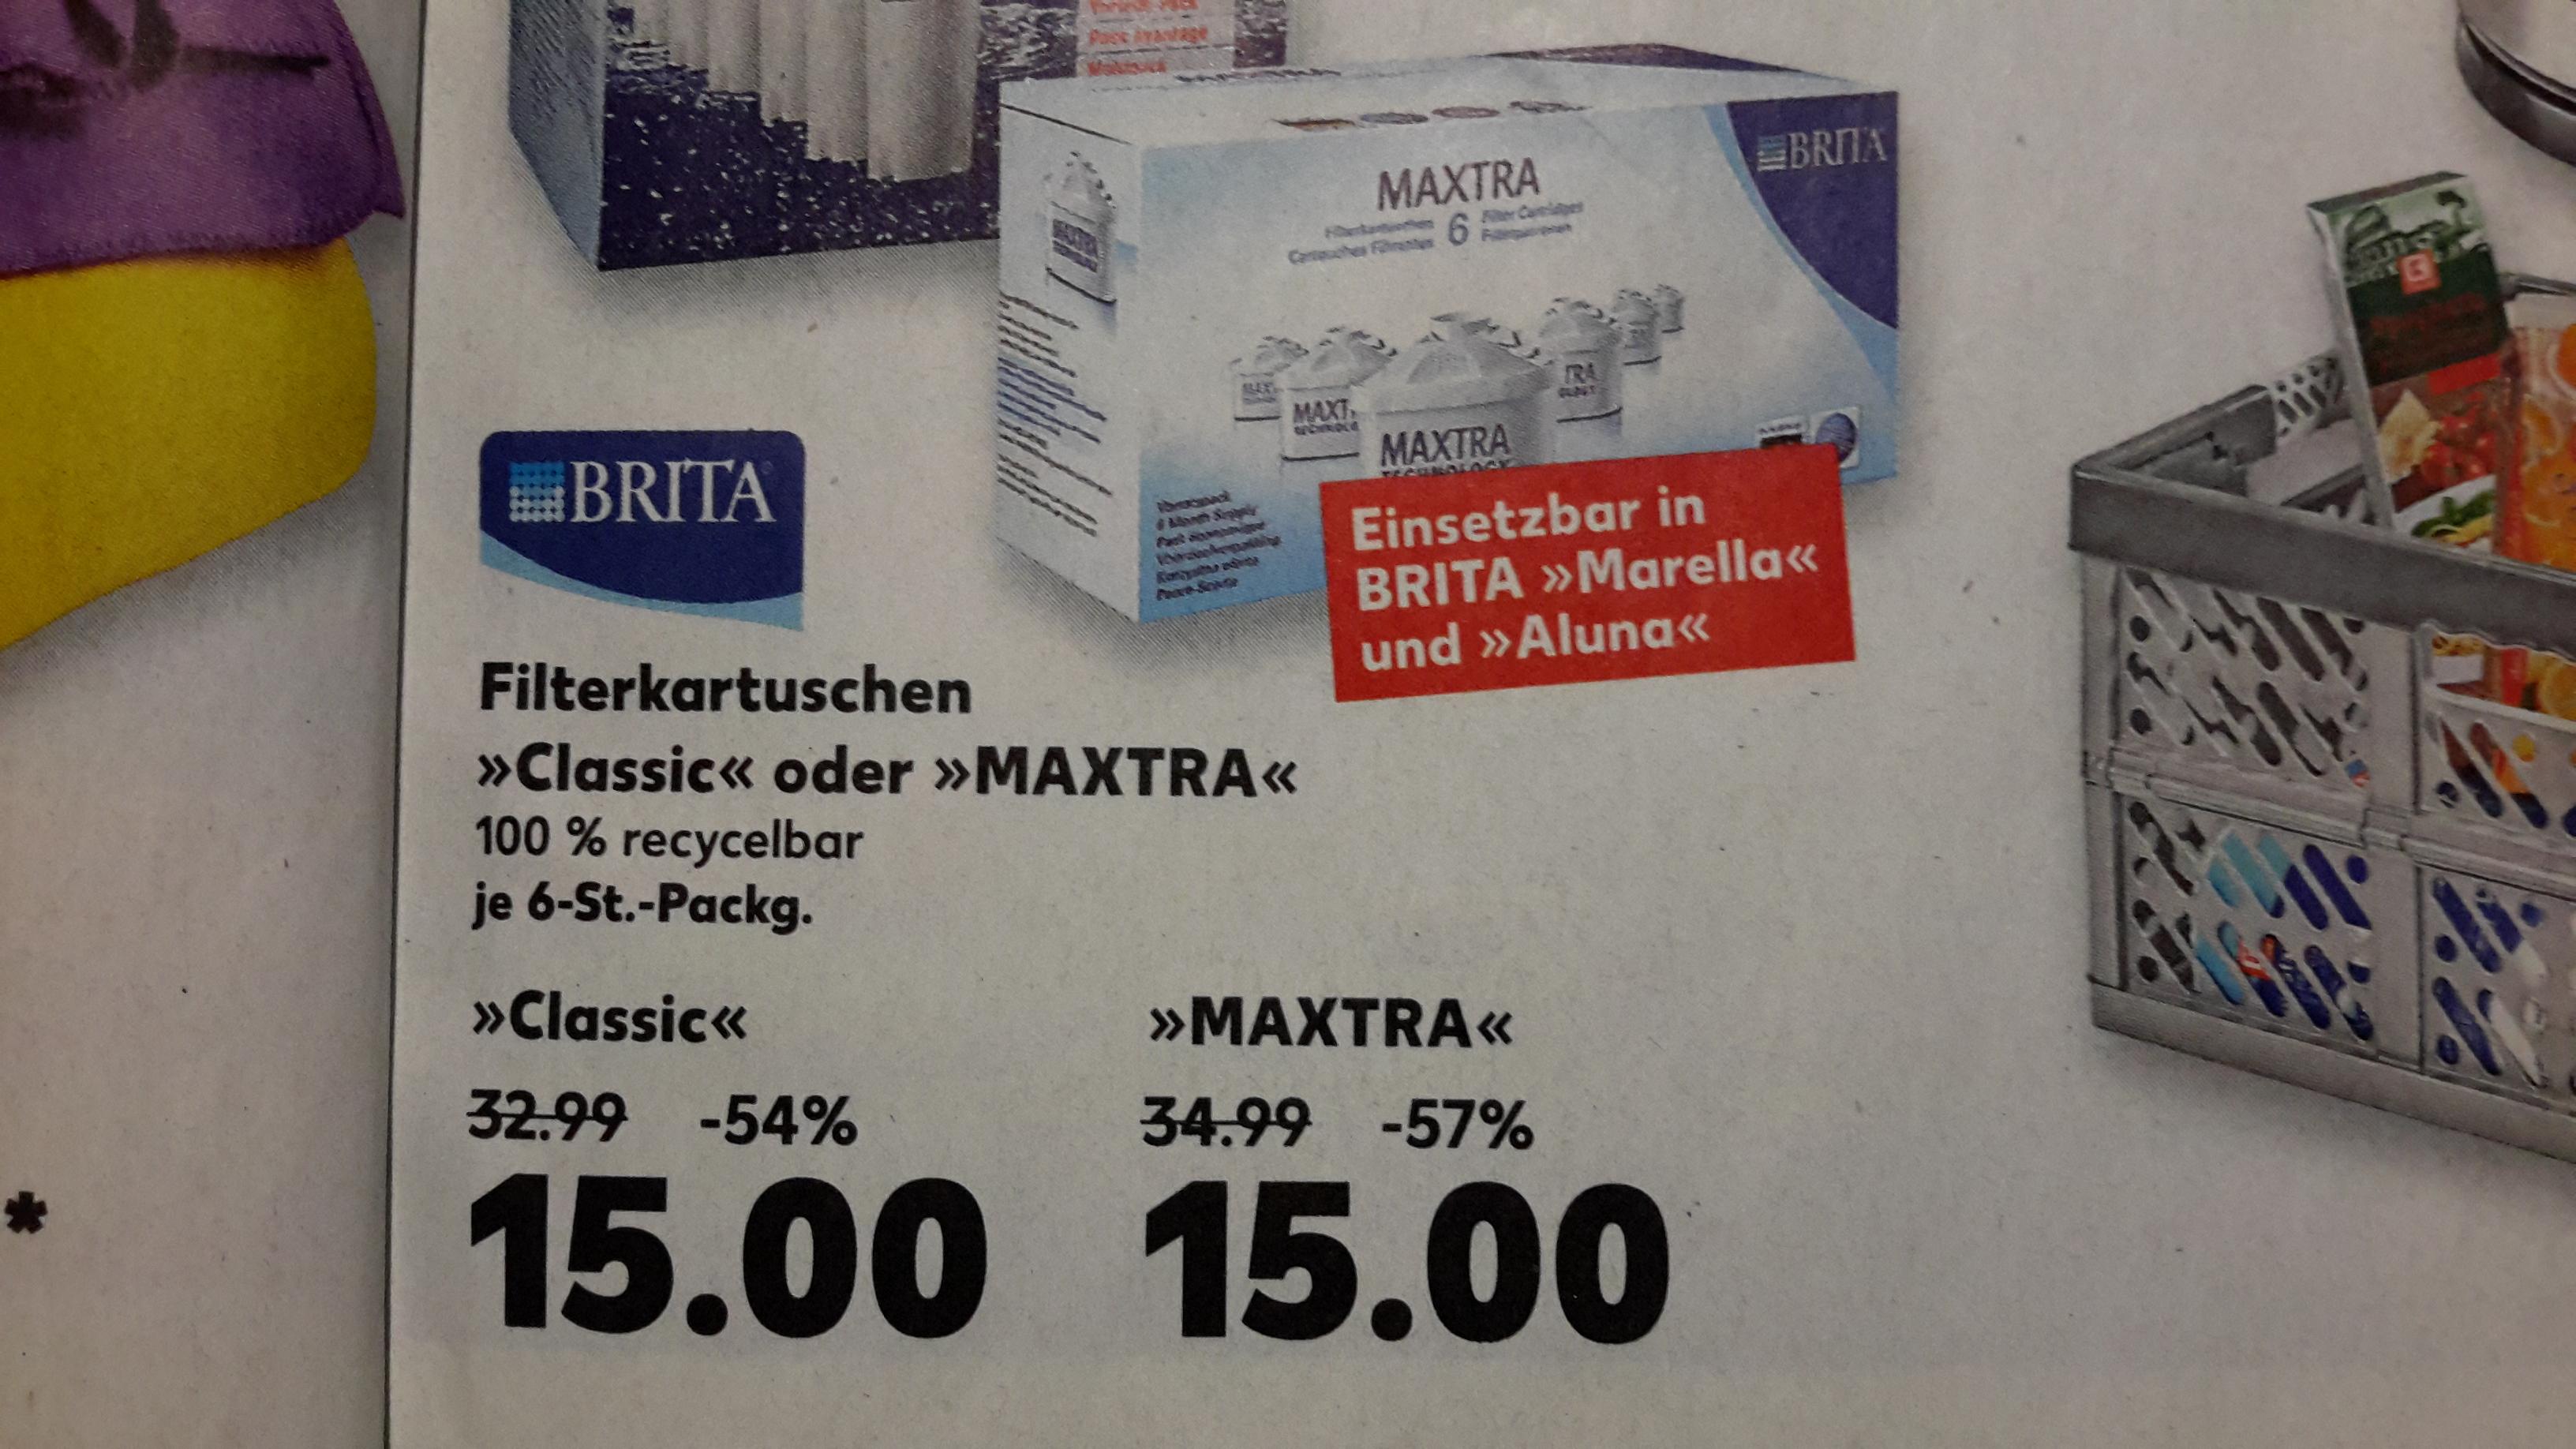 [Kaufland Königs Wusterhausen offline] 6 Brita Maxtra Filterkartuschen